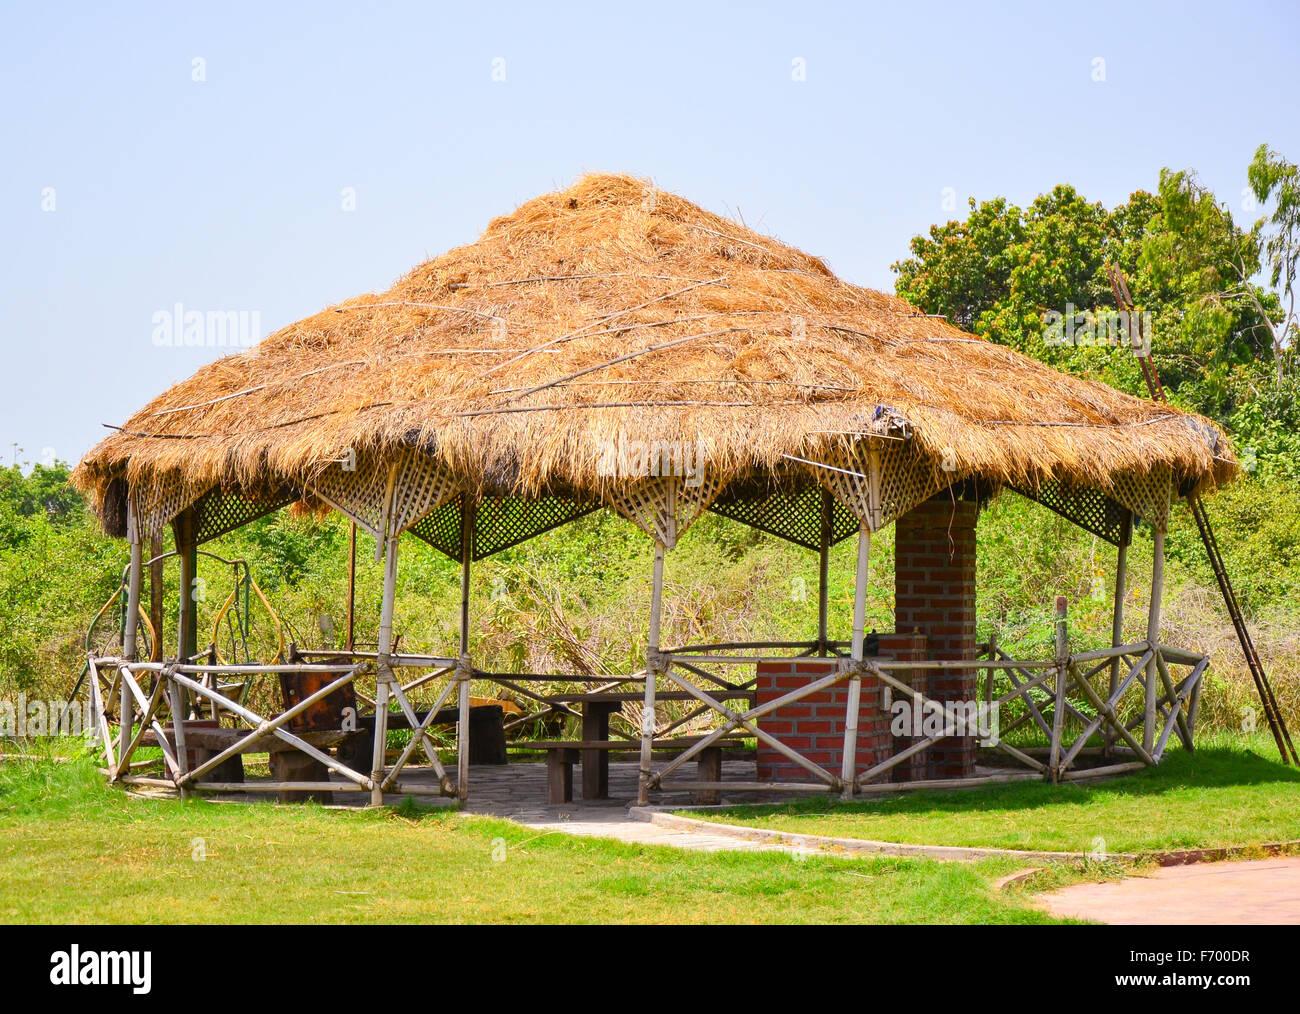 Runde Pavillons eine runde pavillons mit strohdach auf einem bauernhof in indien